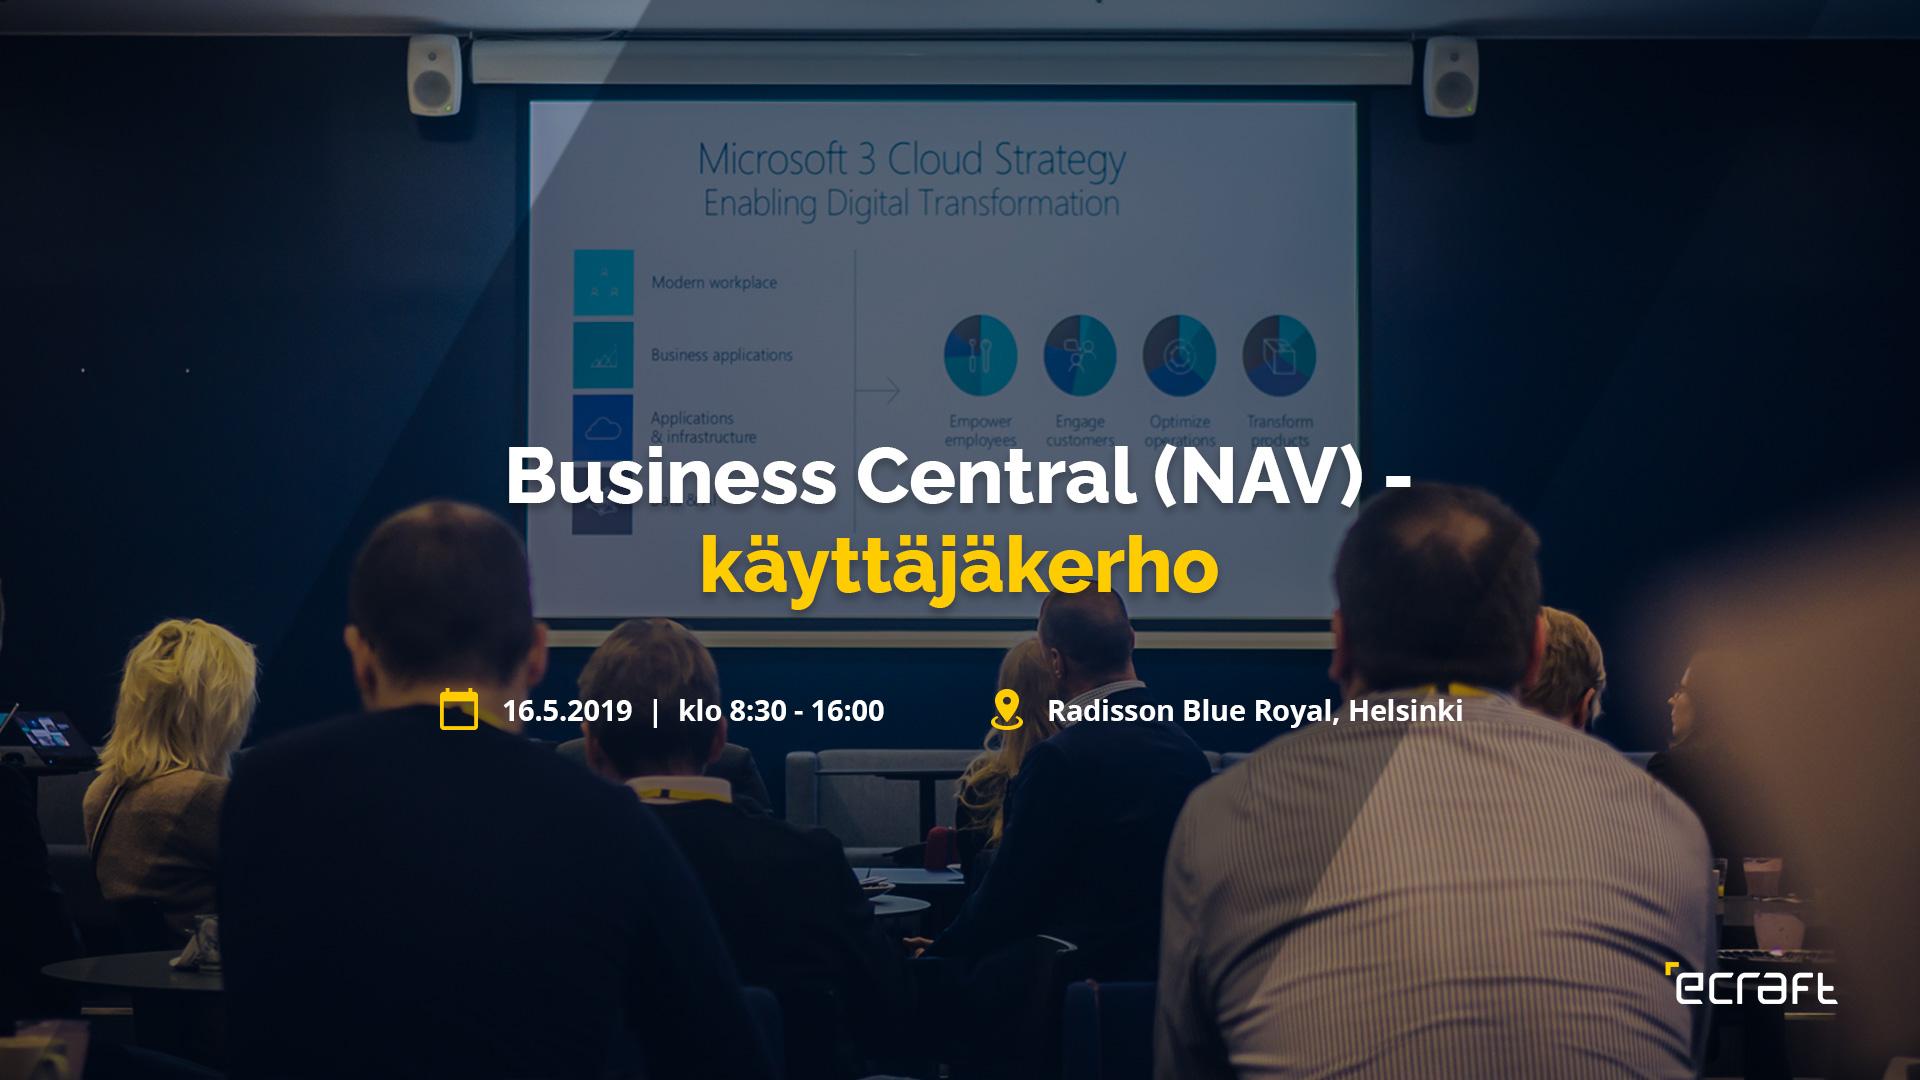 Business Central_käyttäjäkerho.jpg